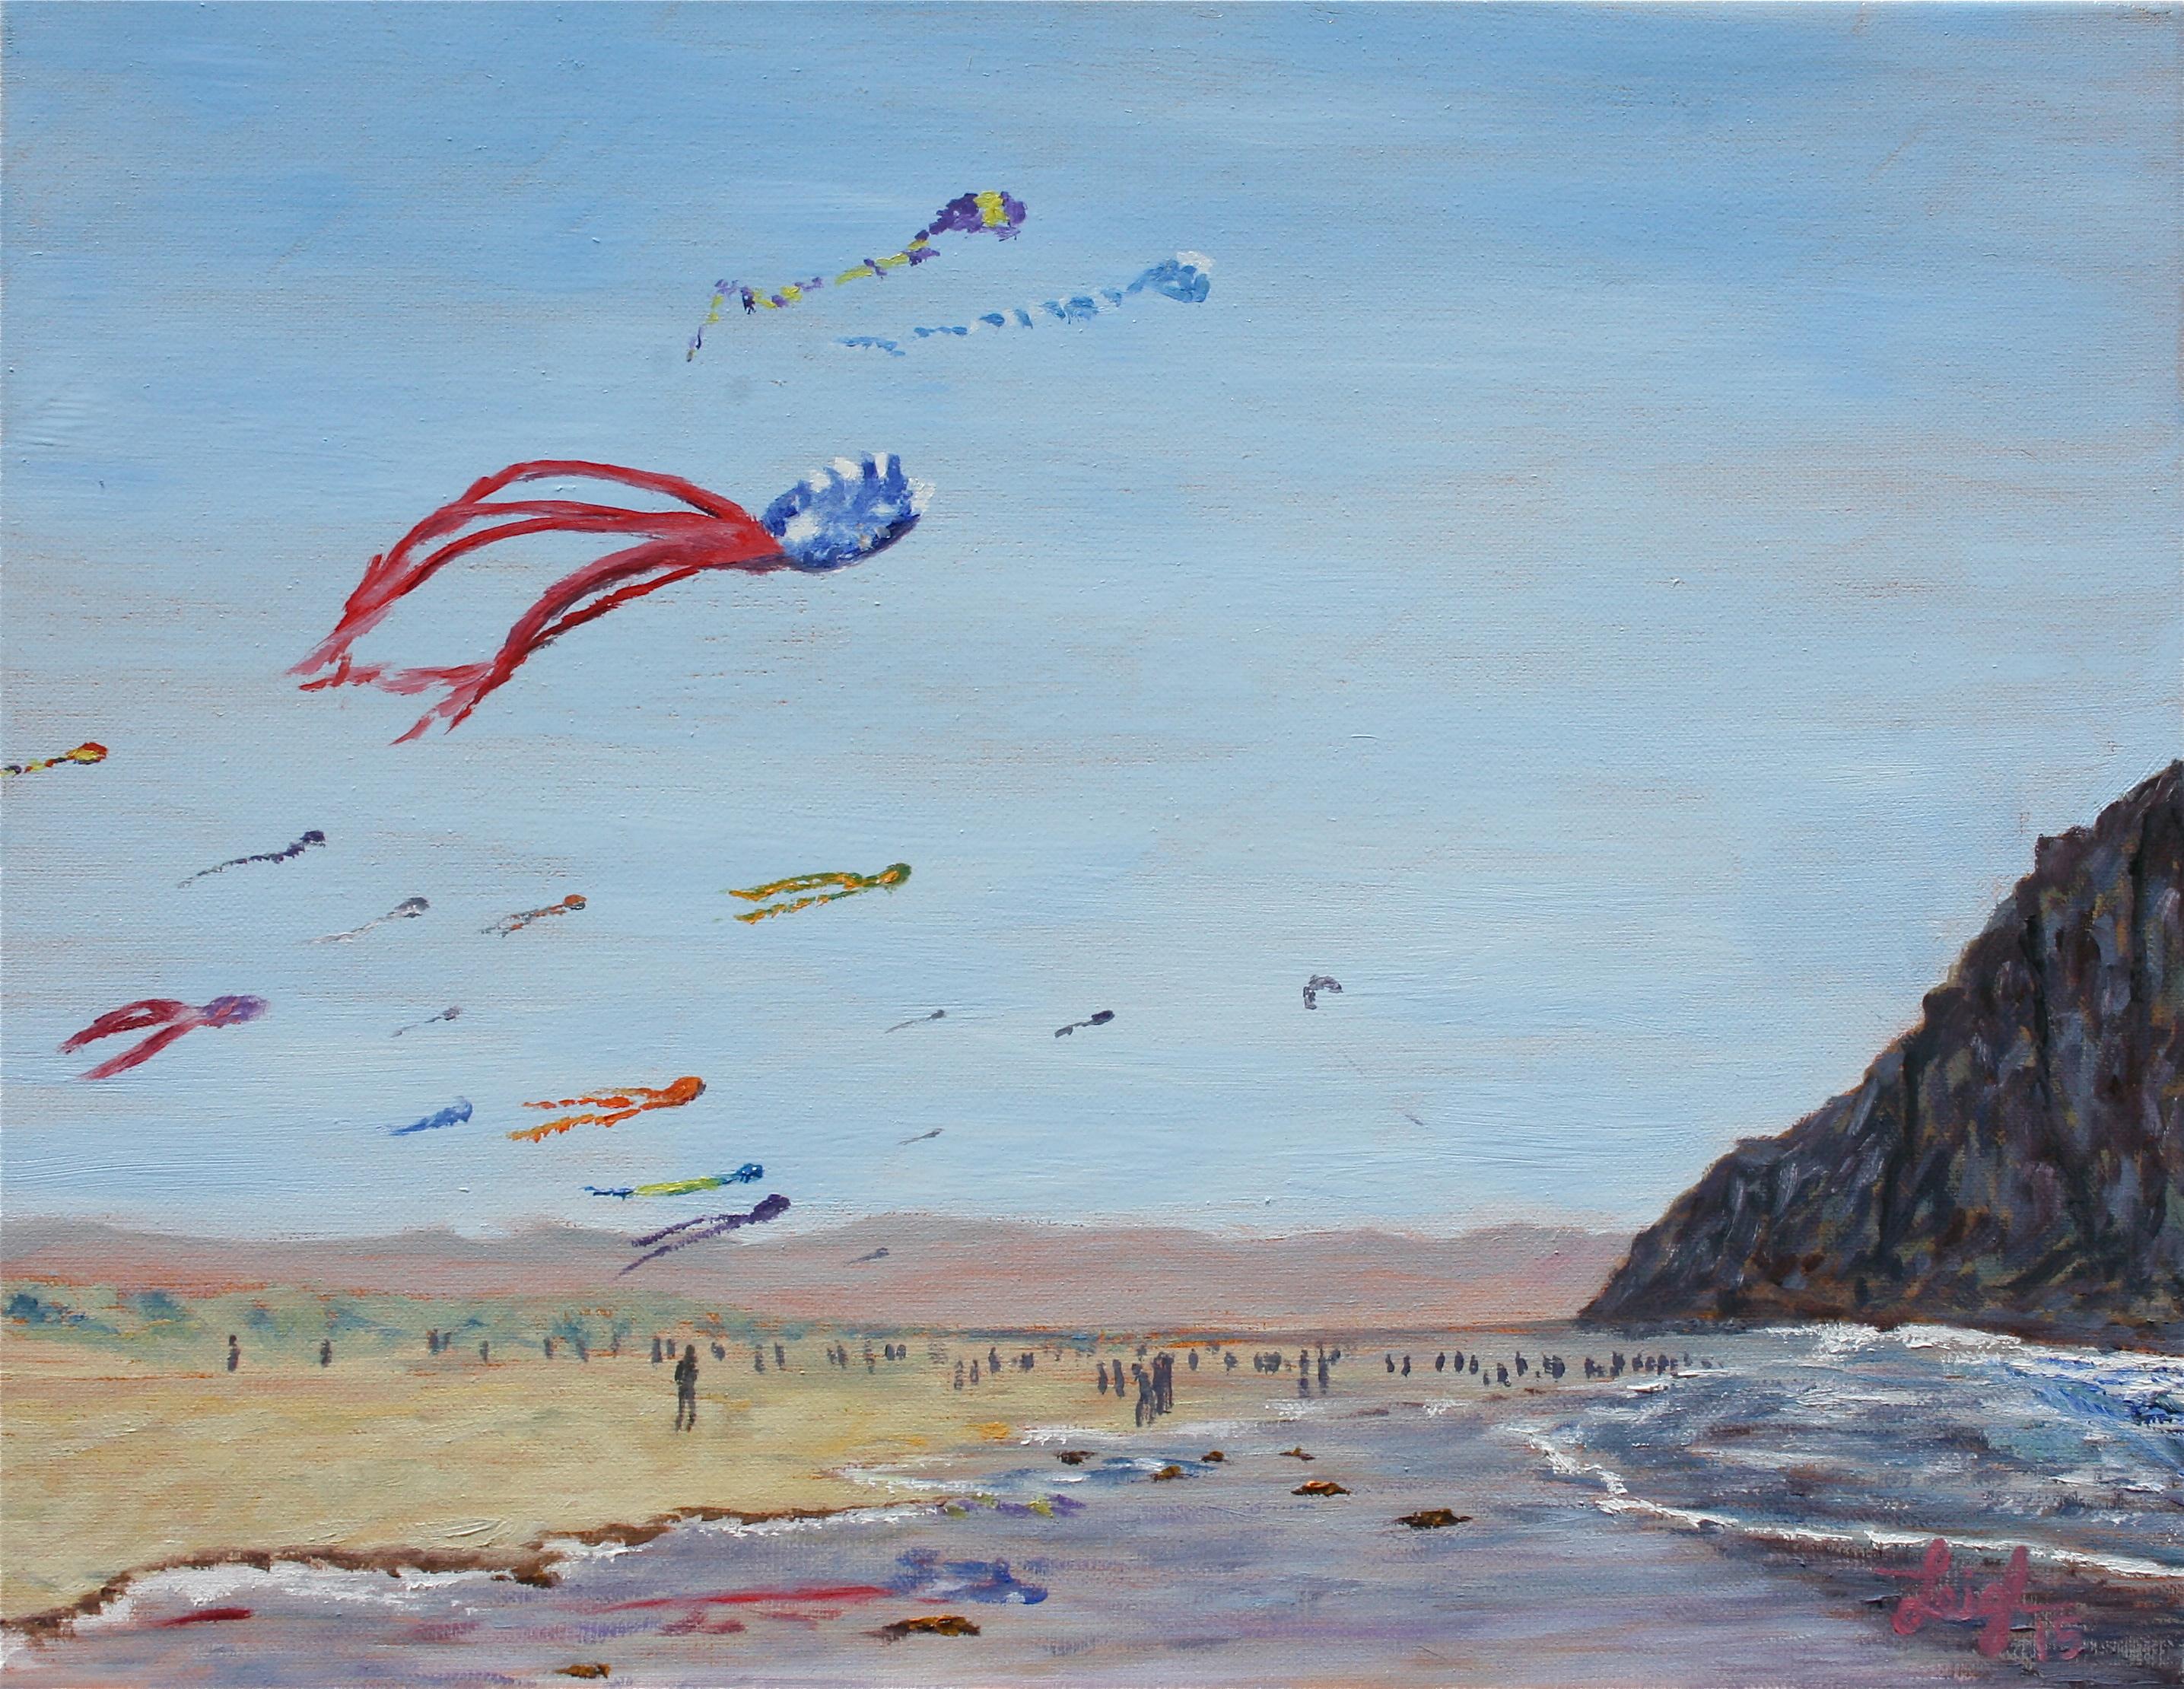 Kite Festival in Morro Bay  ~   Anne Edwards, La Verne, CA  2015  •  18 x 14